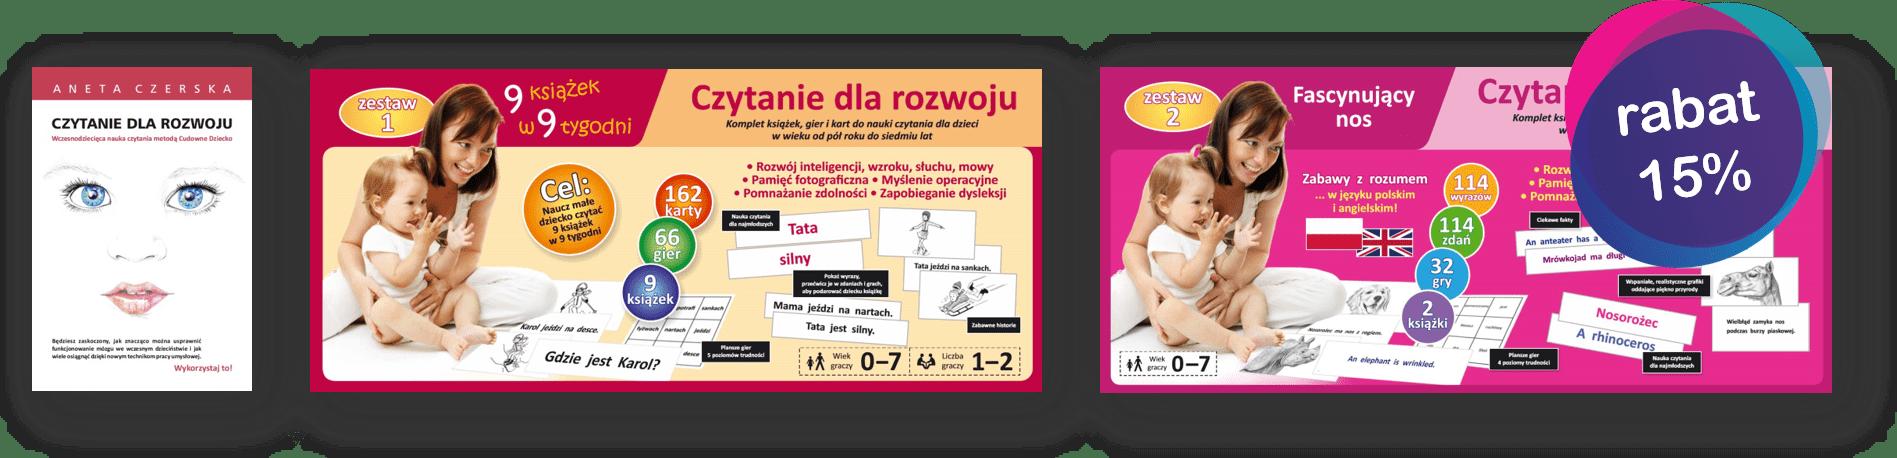 promocja zestaw donauki czytania globalnego dla małych dzieci cz 1 cz 2 książka